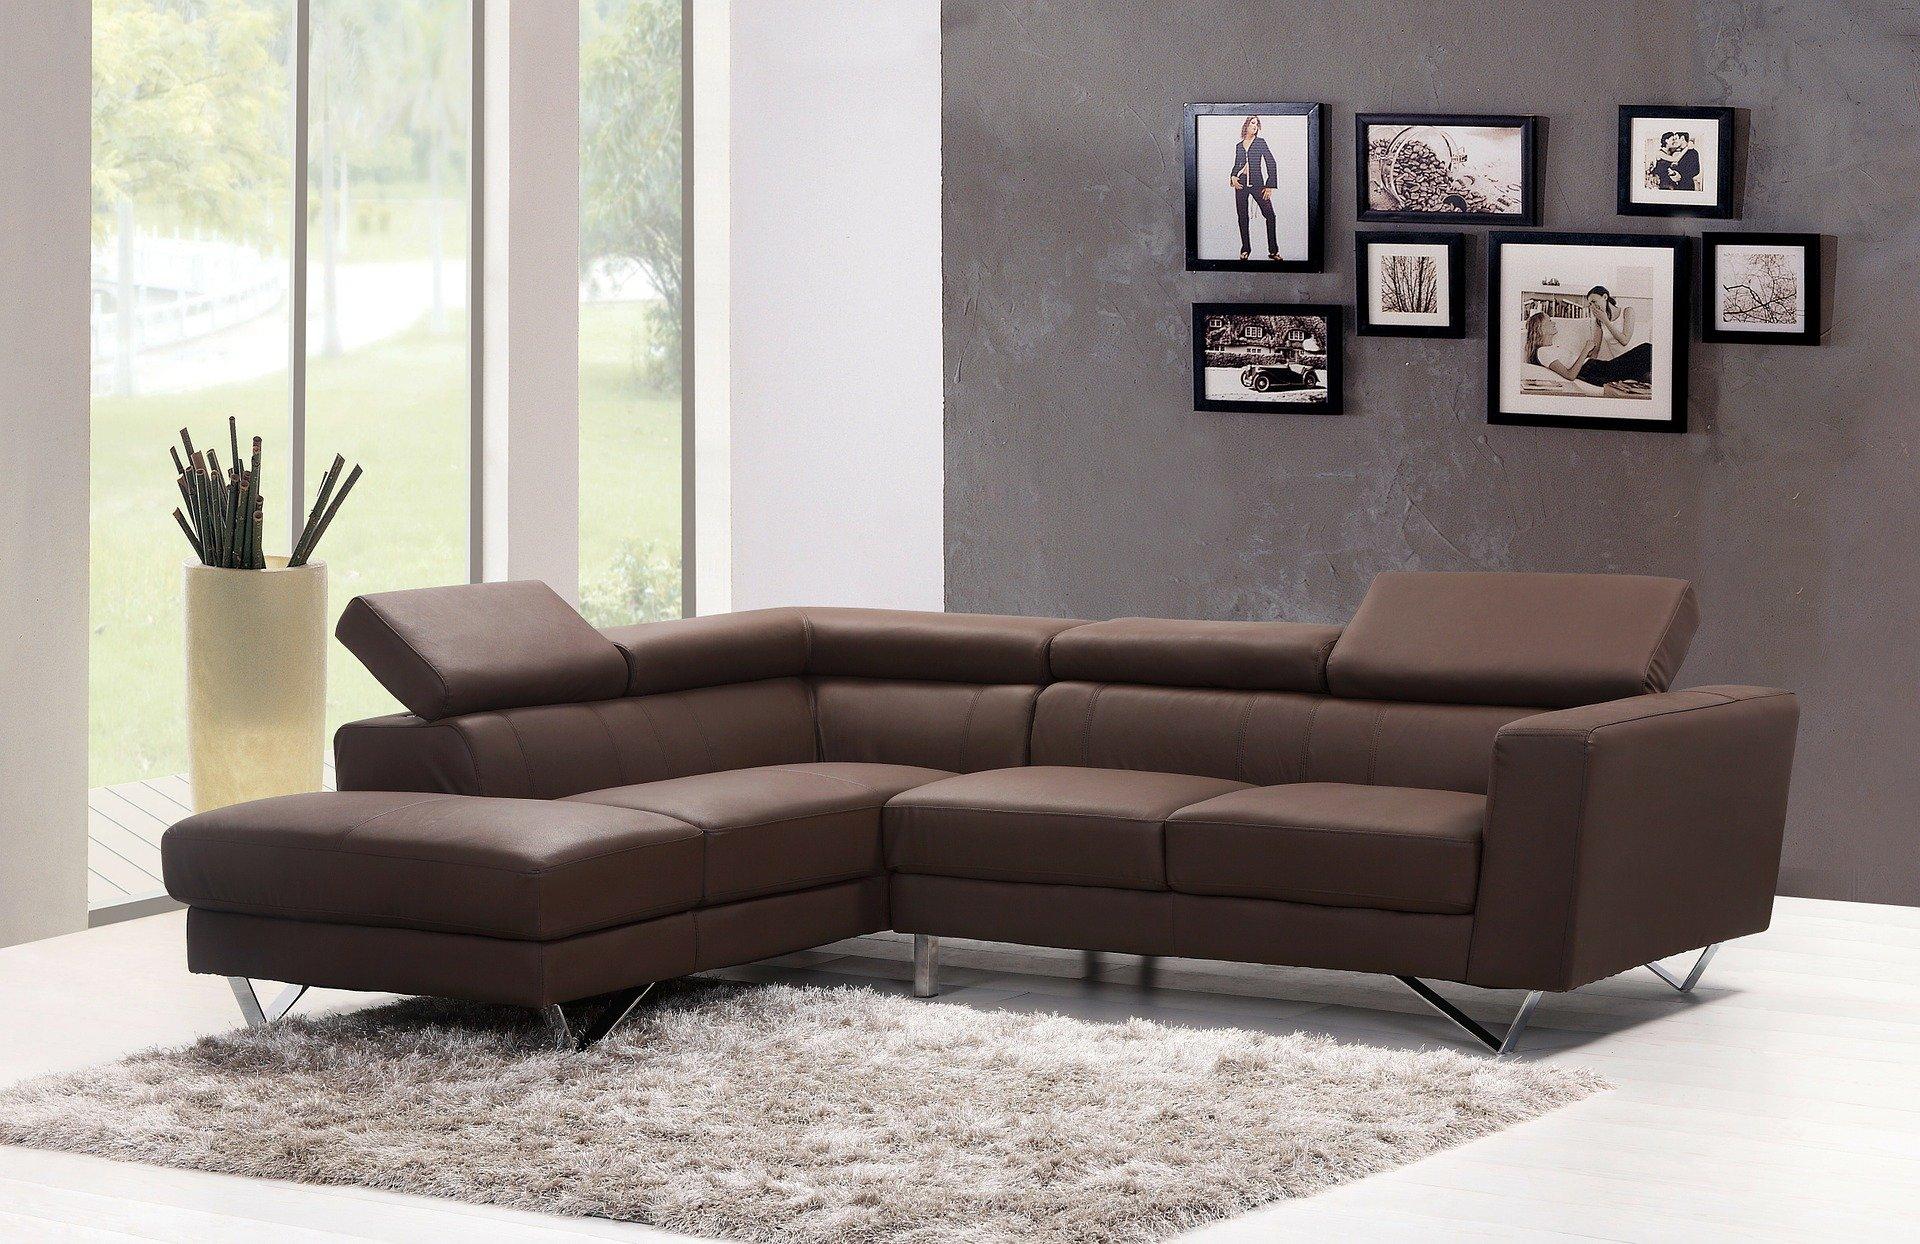 客厅沙发的选择很重要,不要让沙发毁了家居装饰